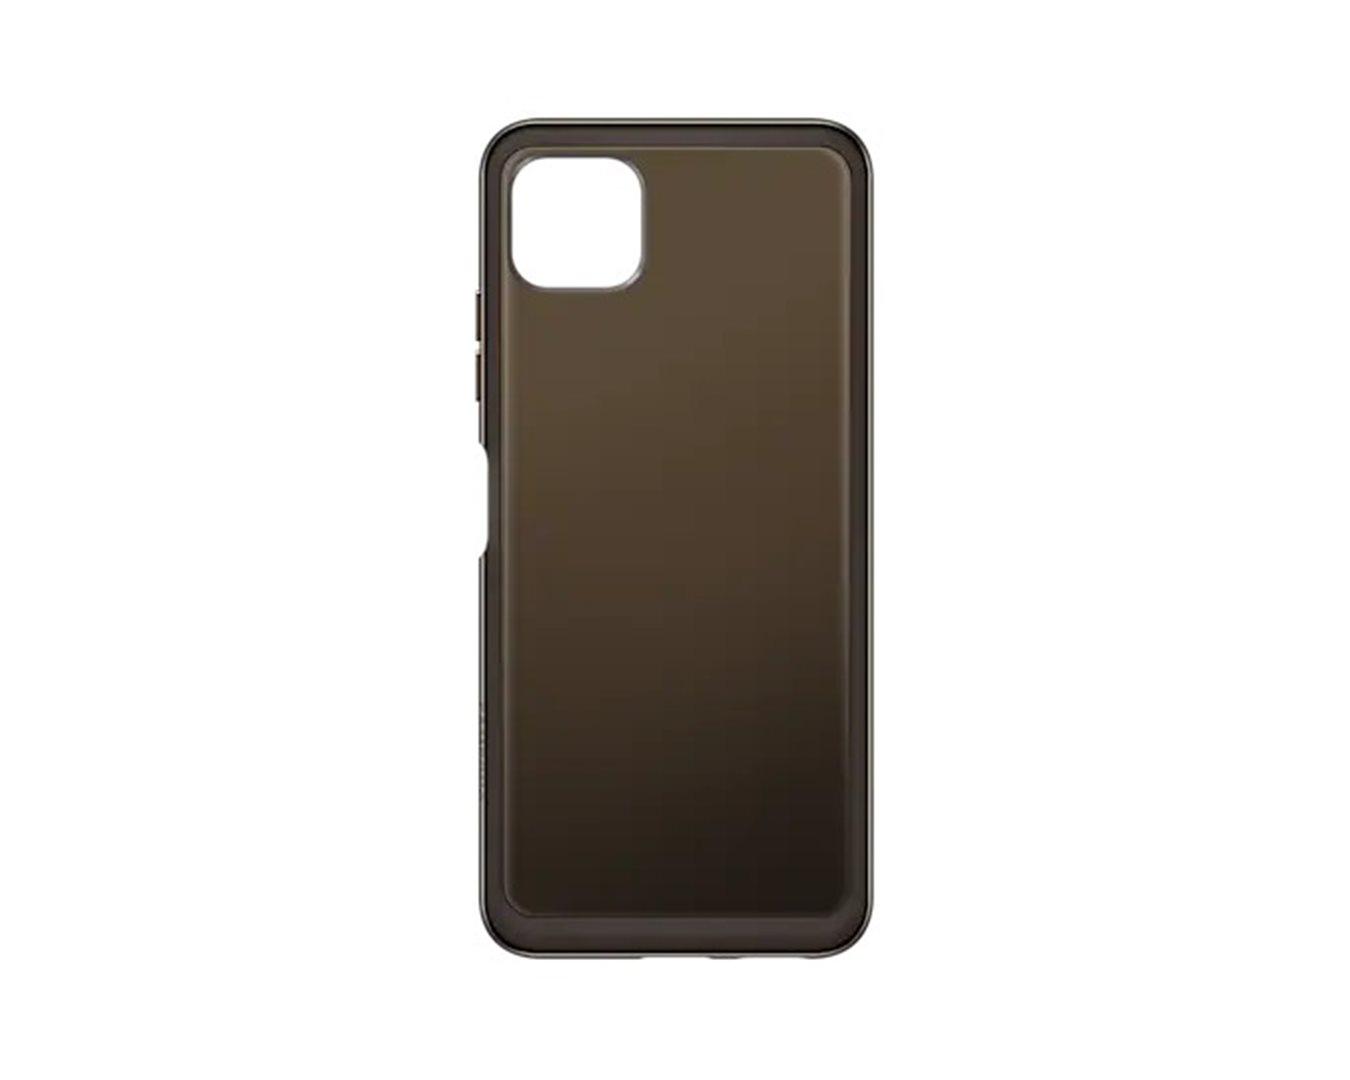 Poloprůhledný zadní kryt pro Samsung Galaxy A22 LTE, černá